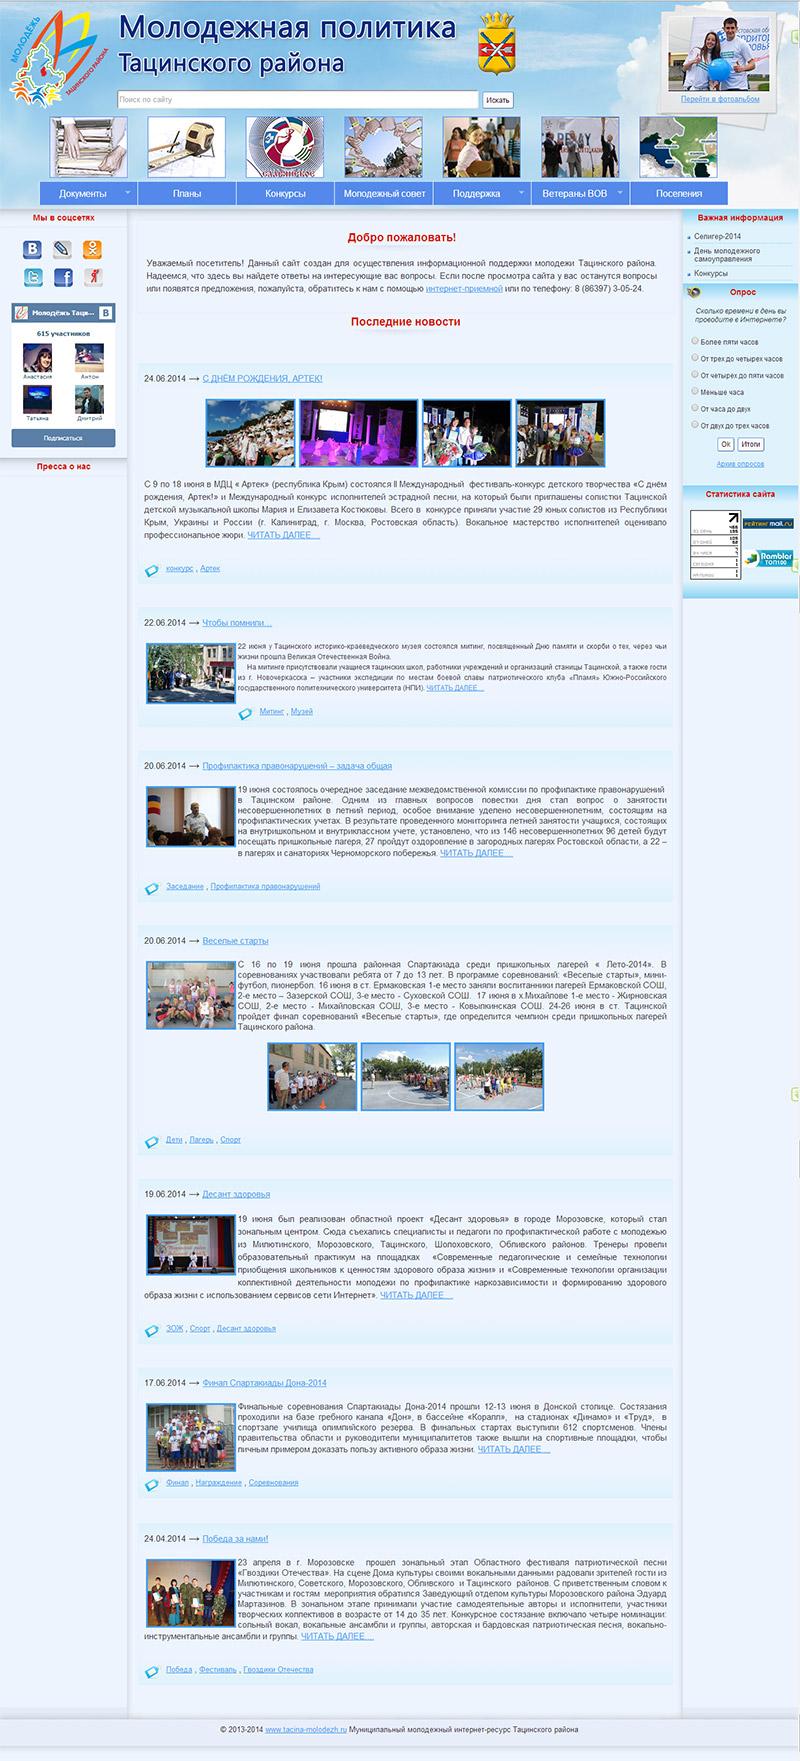 Муниципальный молодежный интернет-ресурс Тацинского района